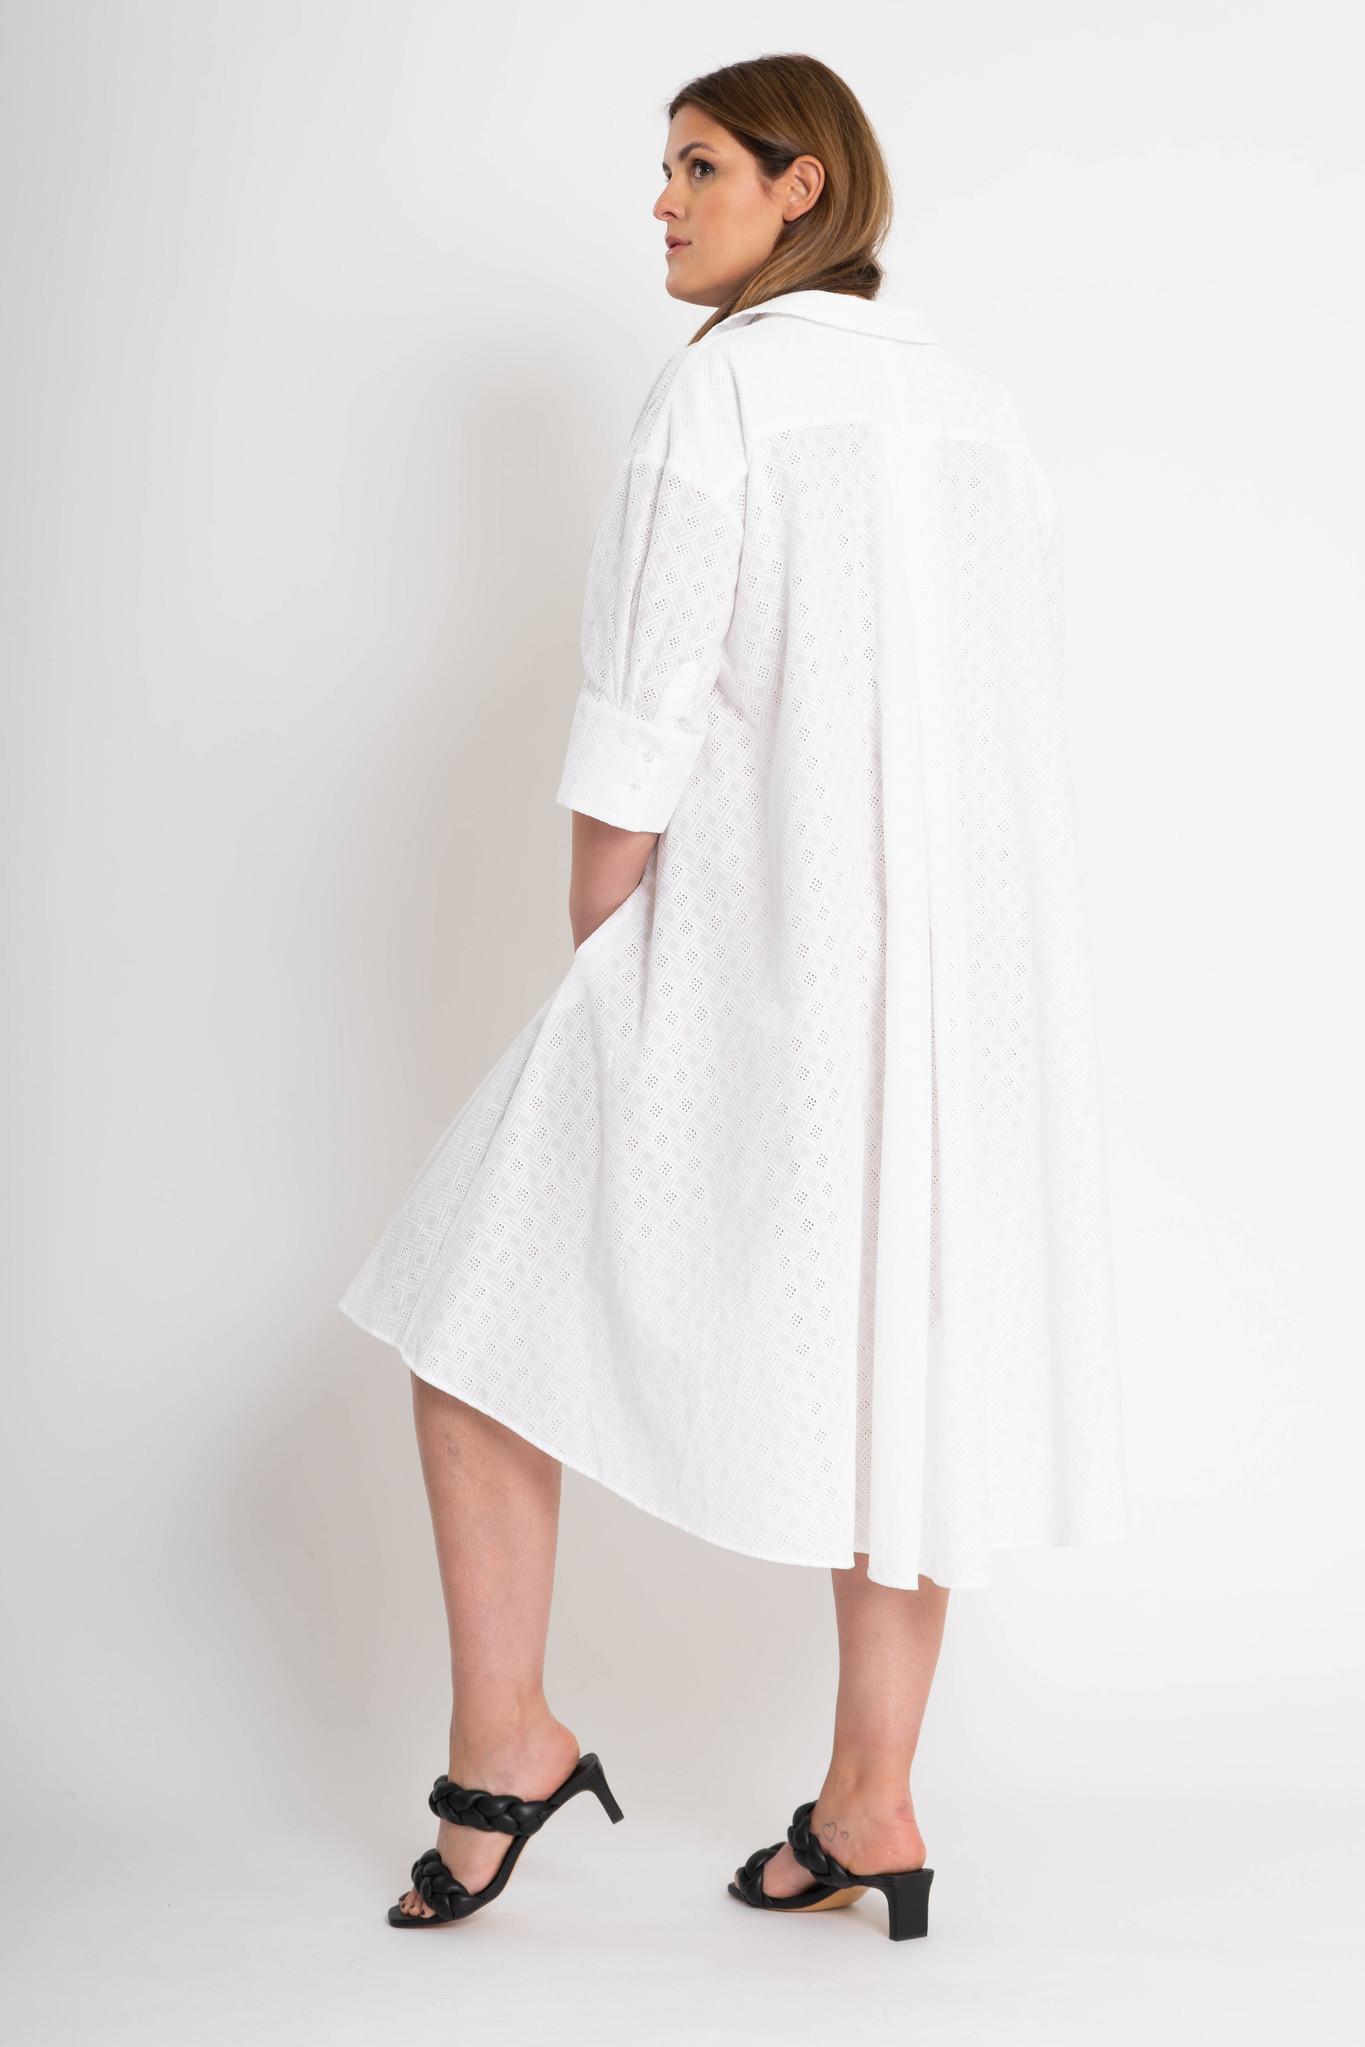 ADRIANA Kleid aus bestickter Baumwolle-5